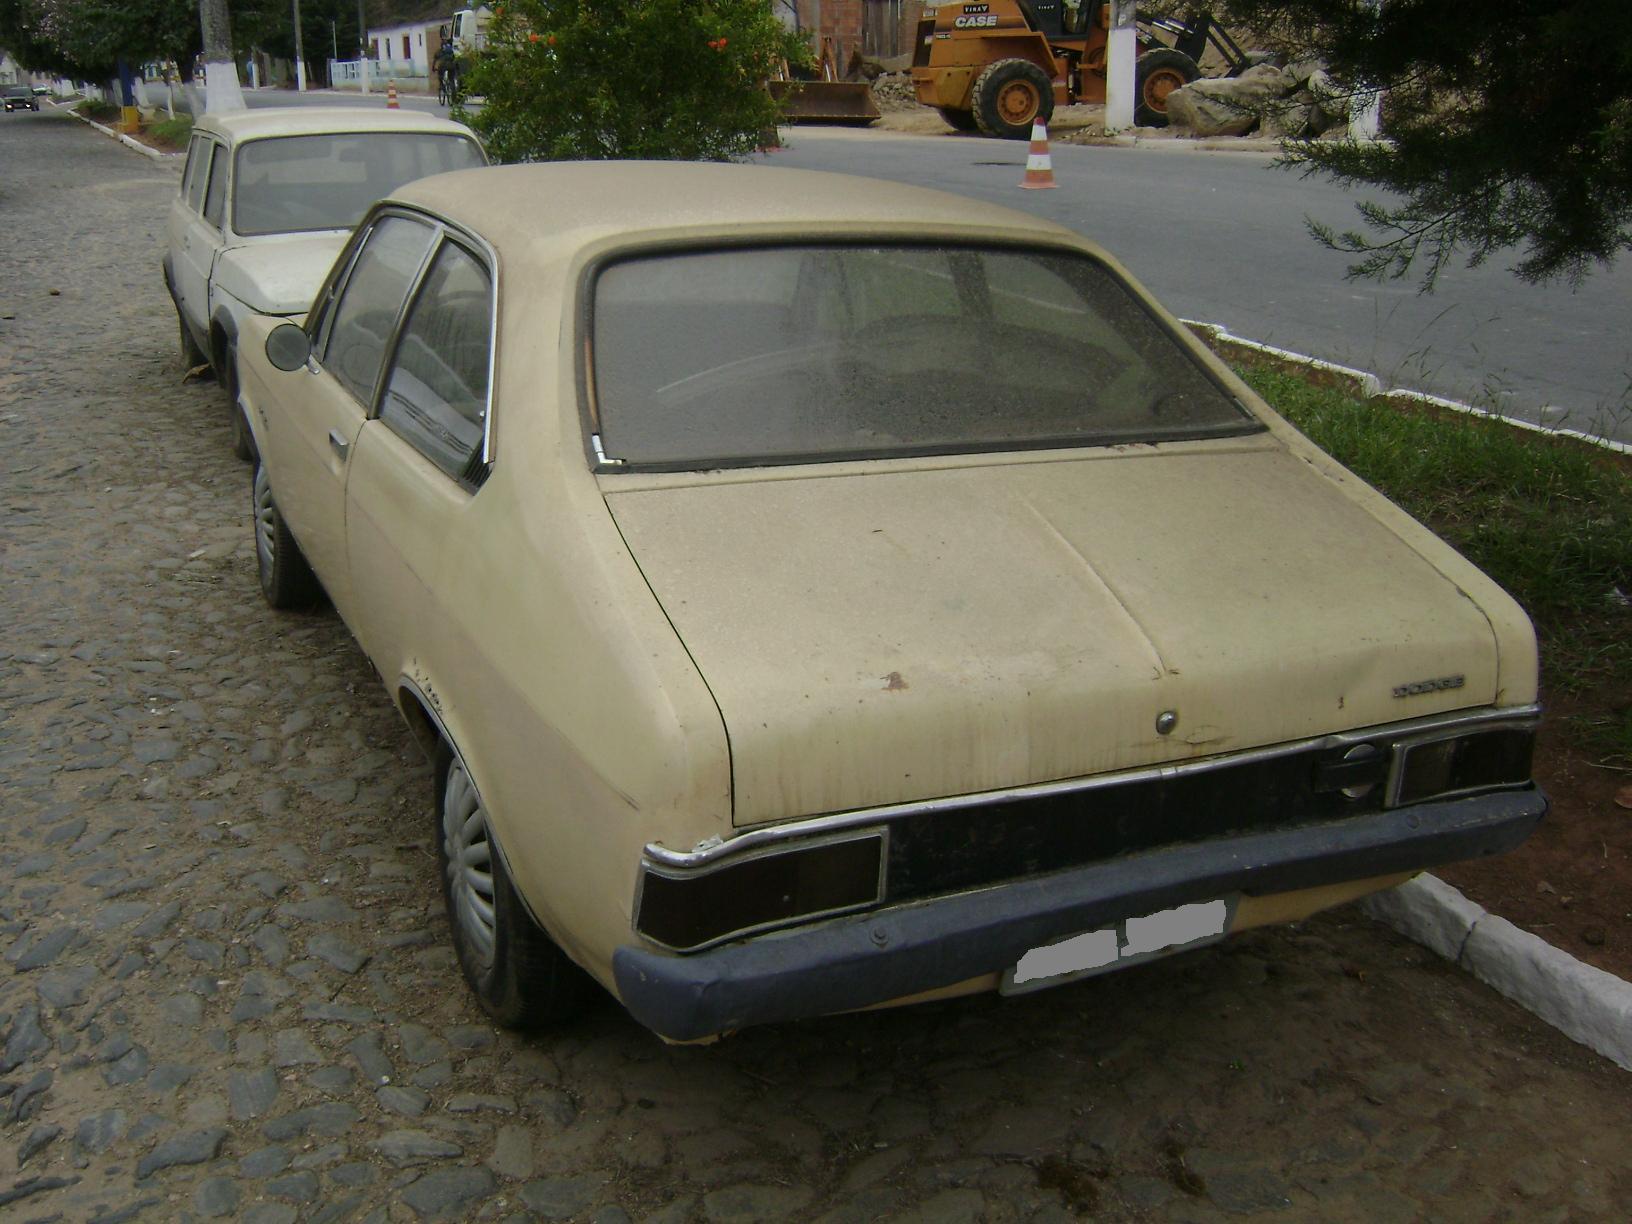 fotos18agosto2009_006 Dodge Polara Gran Luxo 1978